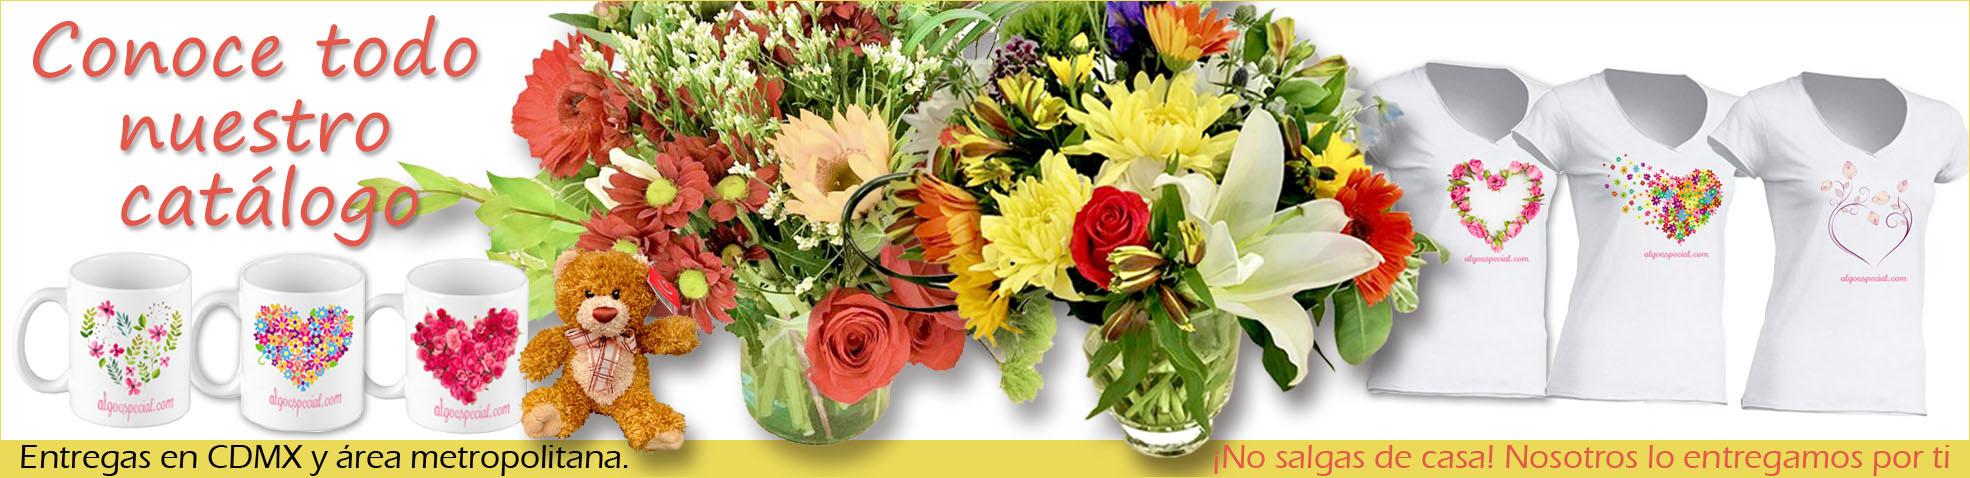 Imagen de campaña, venta de flores